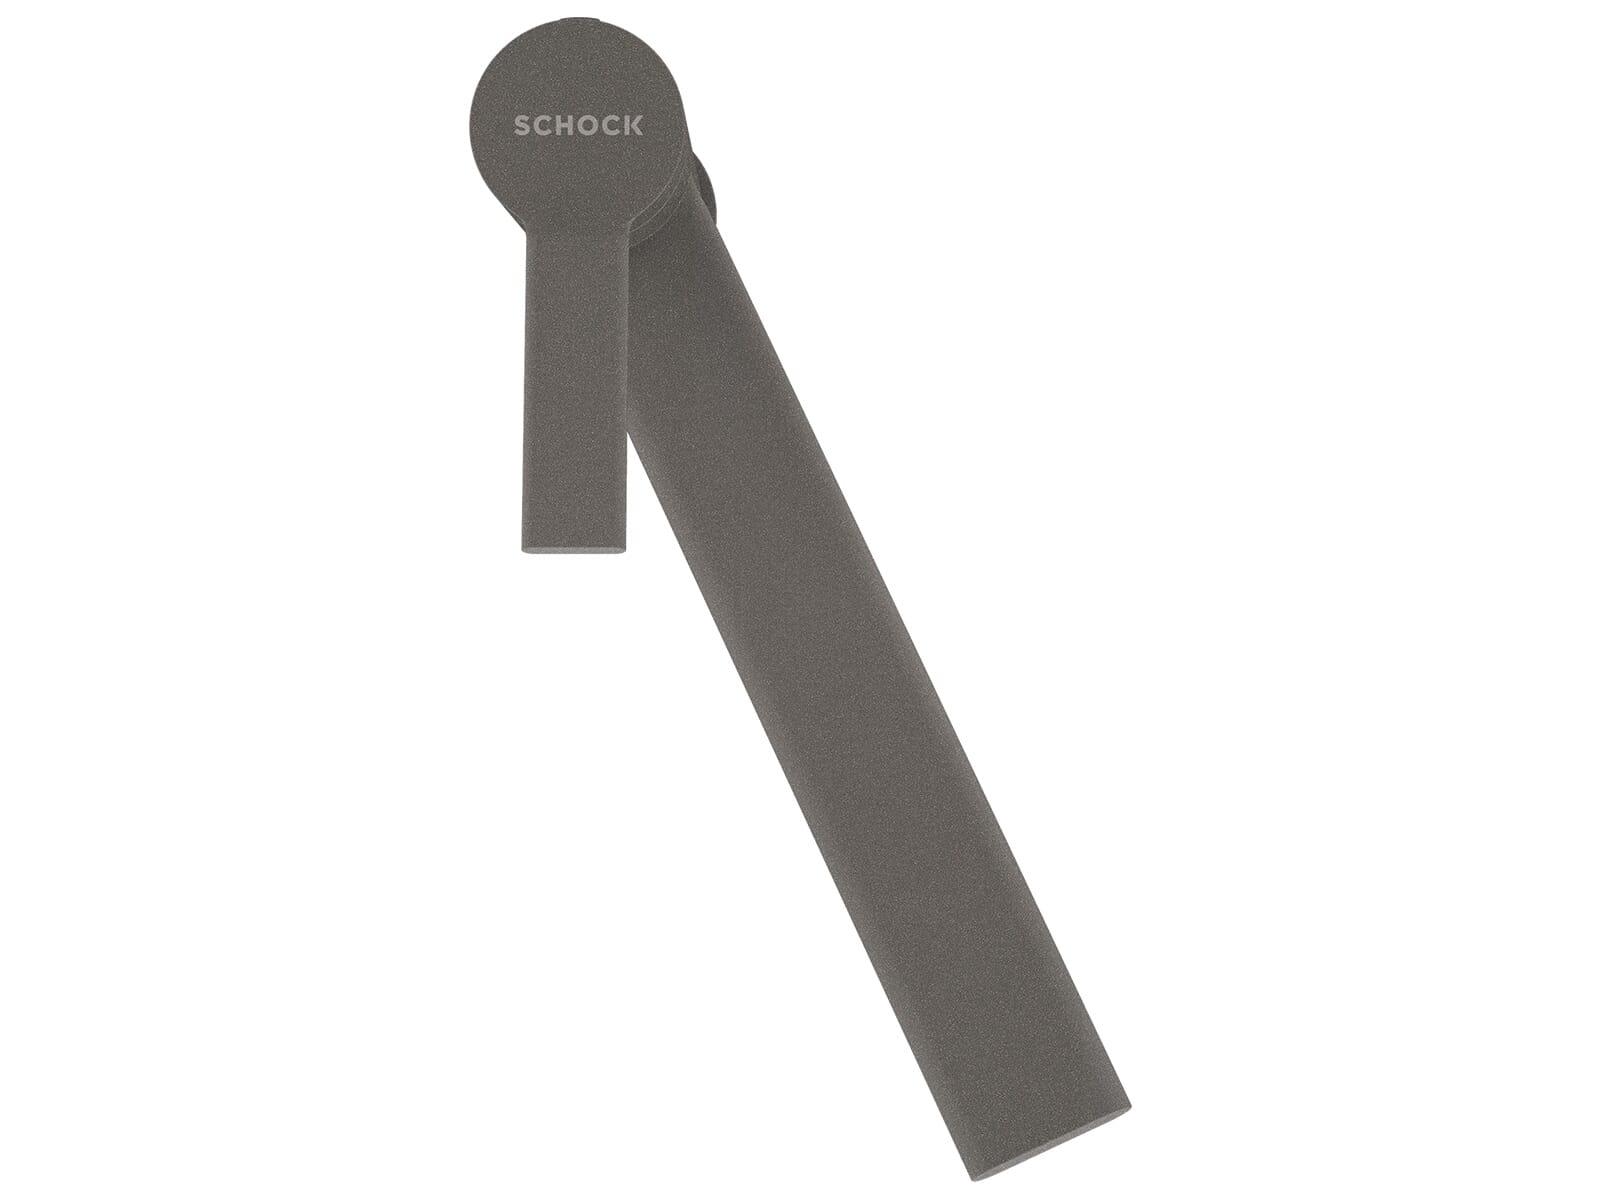 Schock Papilio Silverstone - 588000SIL Hochdruckarmatur